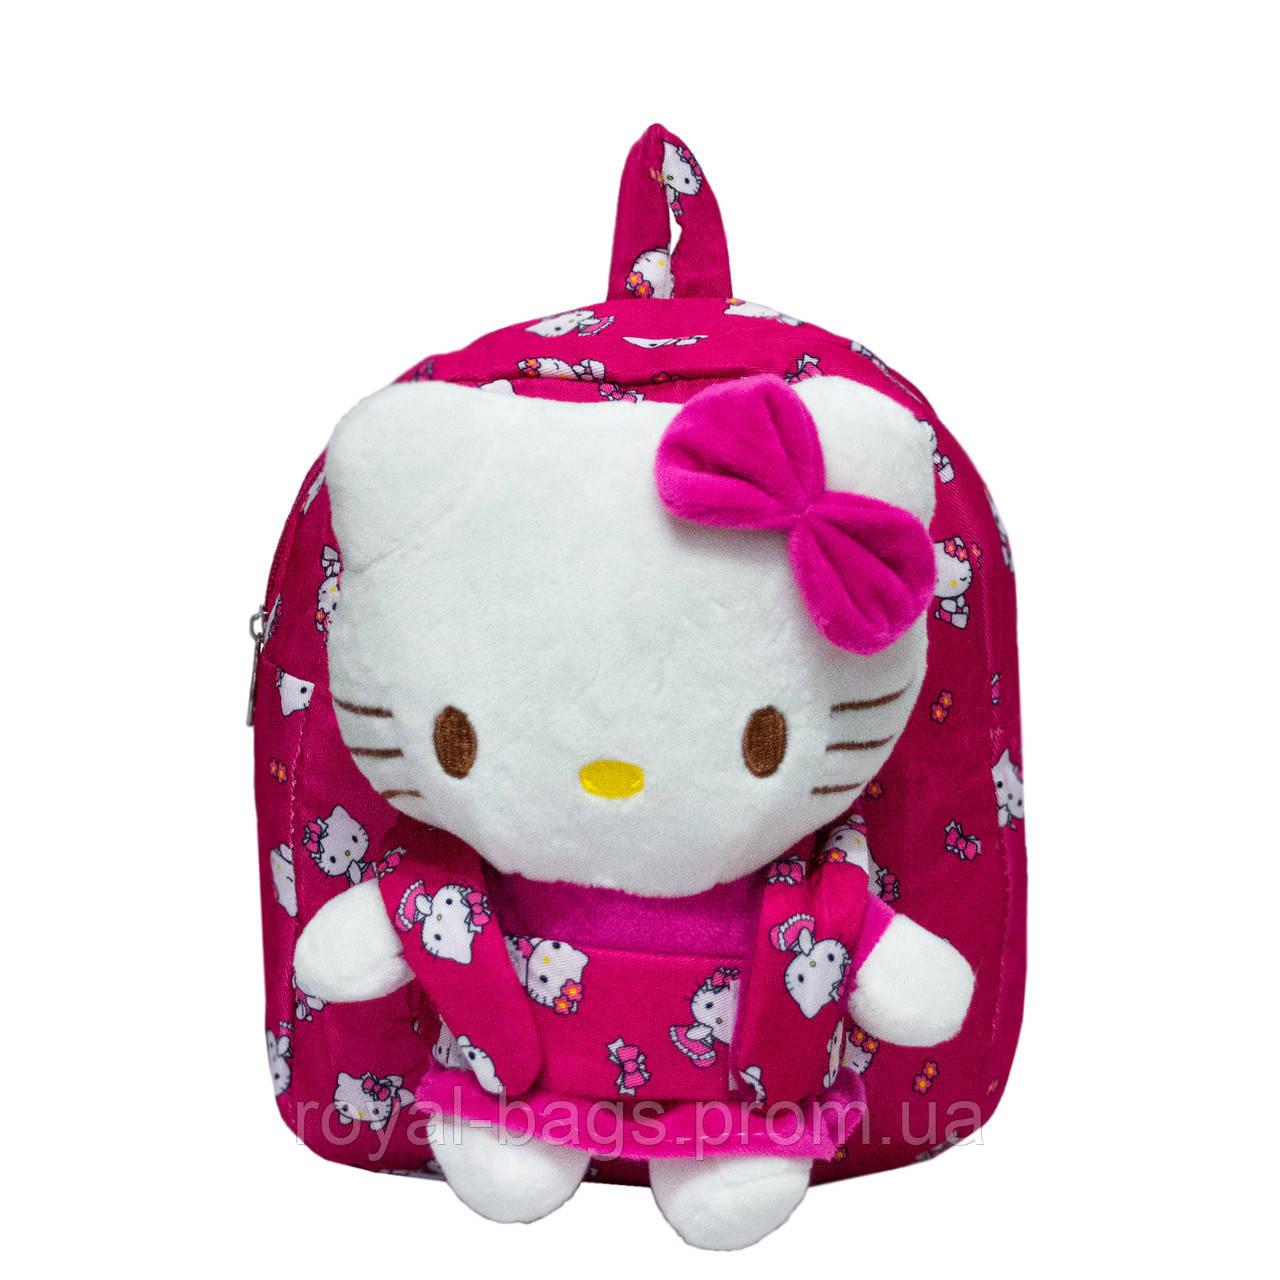 Рюкзак с игрушкой Hello Kitty 2 Цвета Малиновый